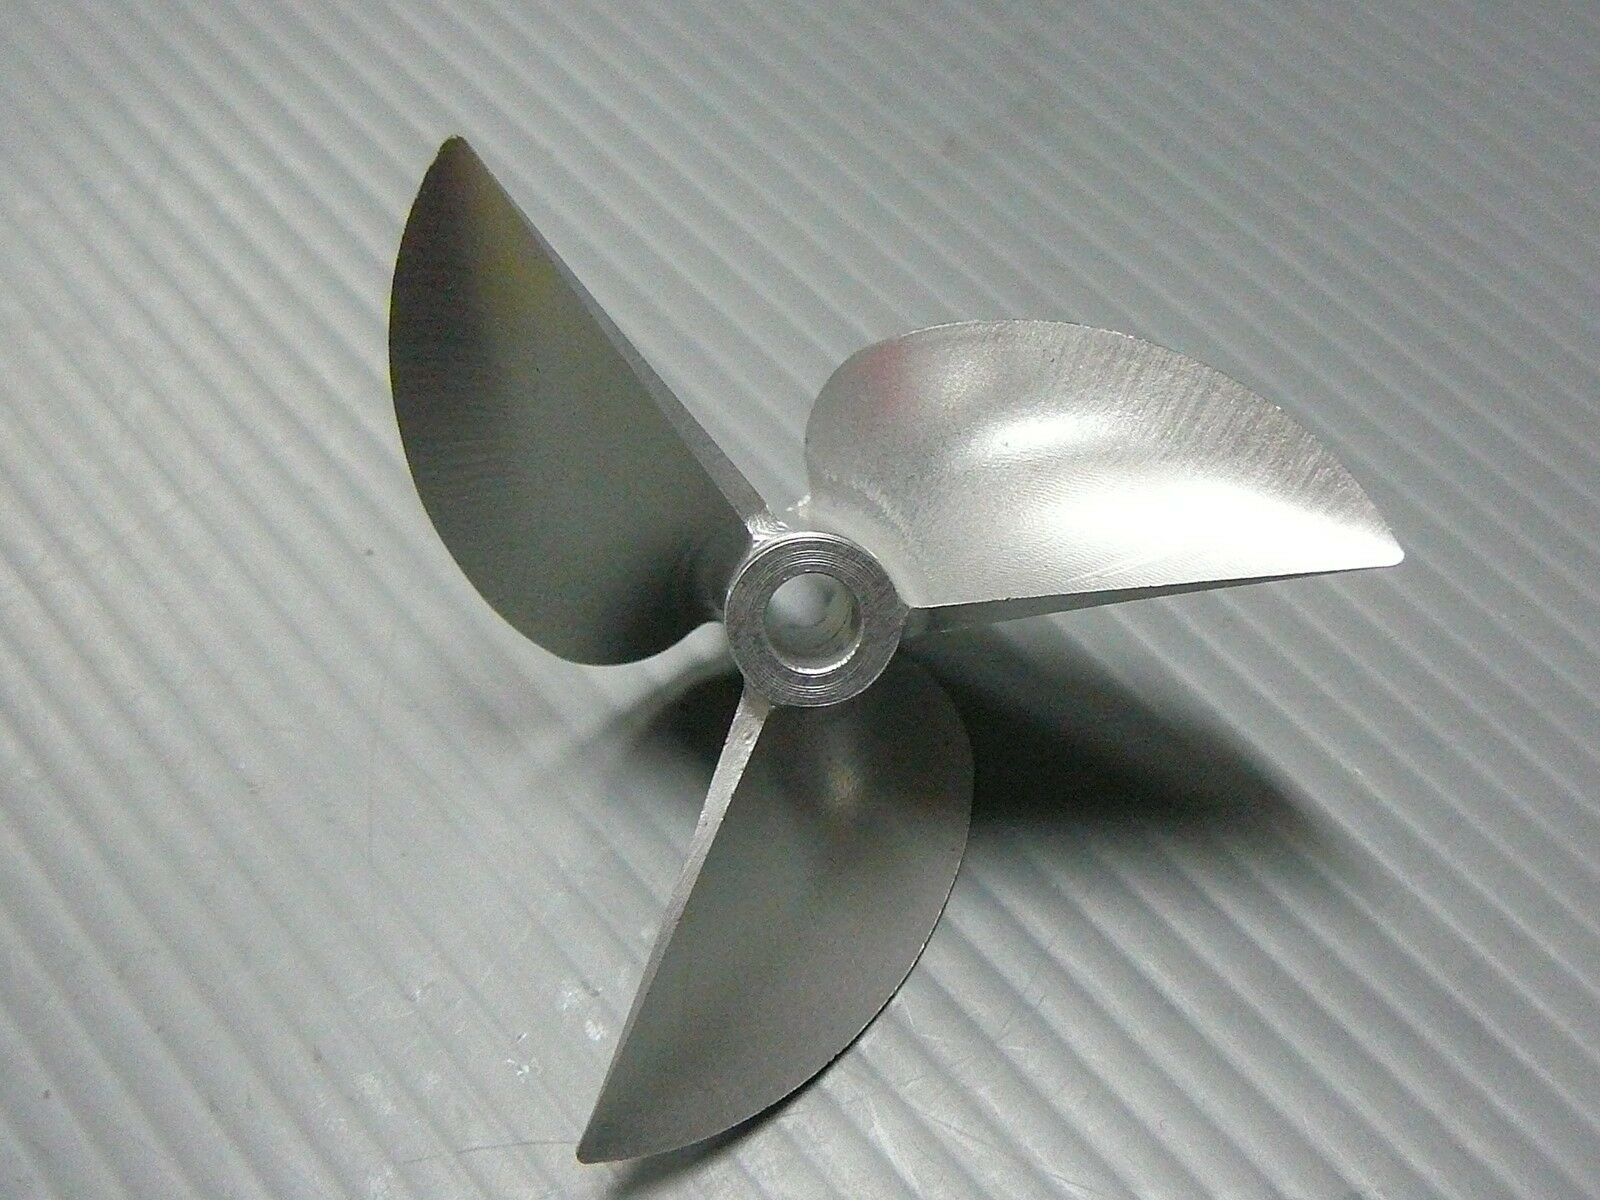 VXP V4418/3 44mm 44mm 44mm 1.8p 3/16  CNC Alloy Non Lift Prop De Tongued Propeller Boat 52d22f